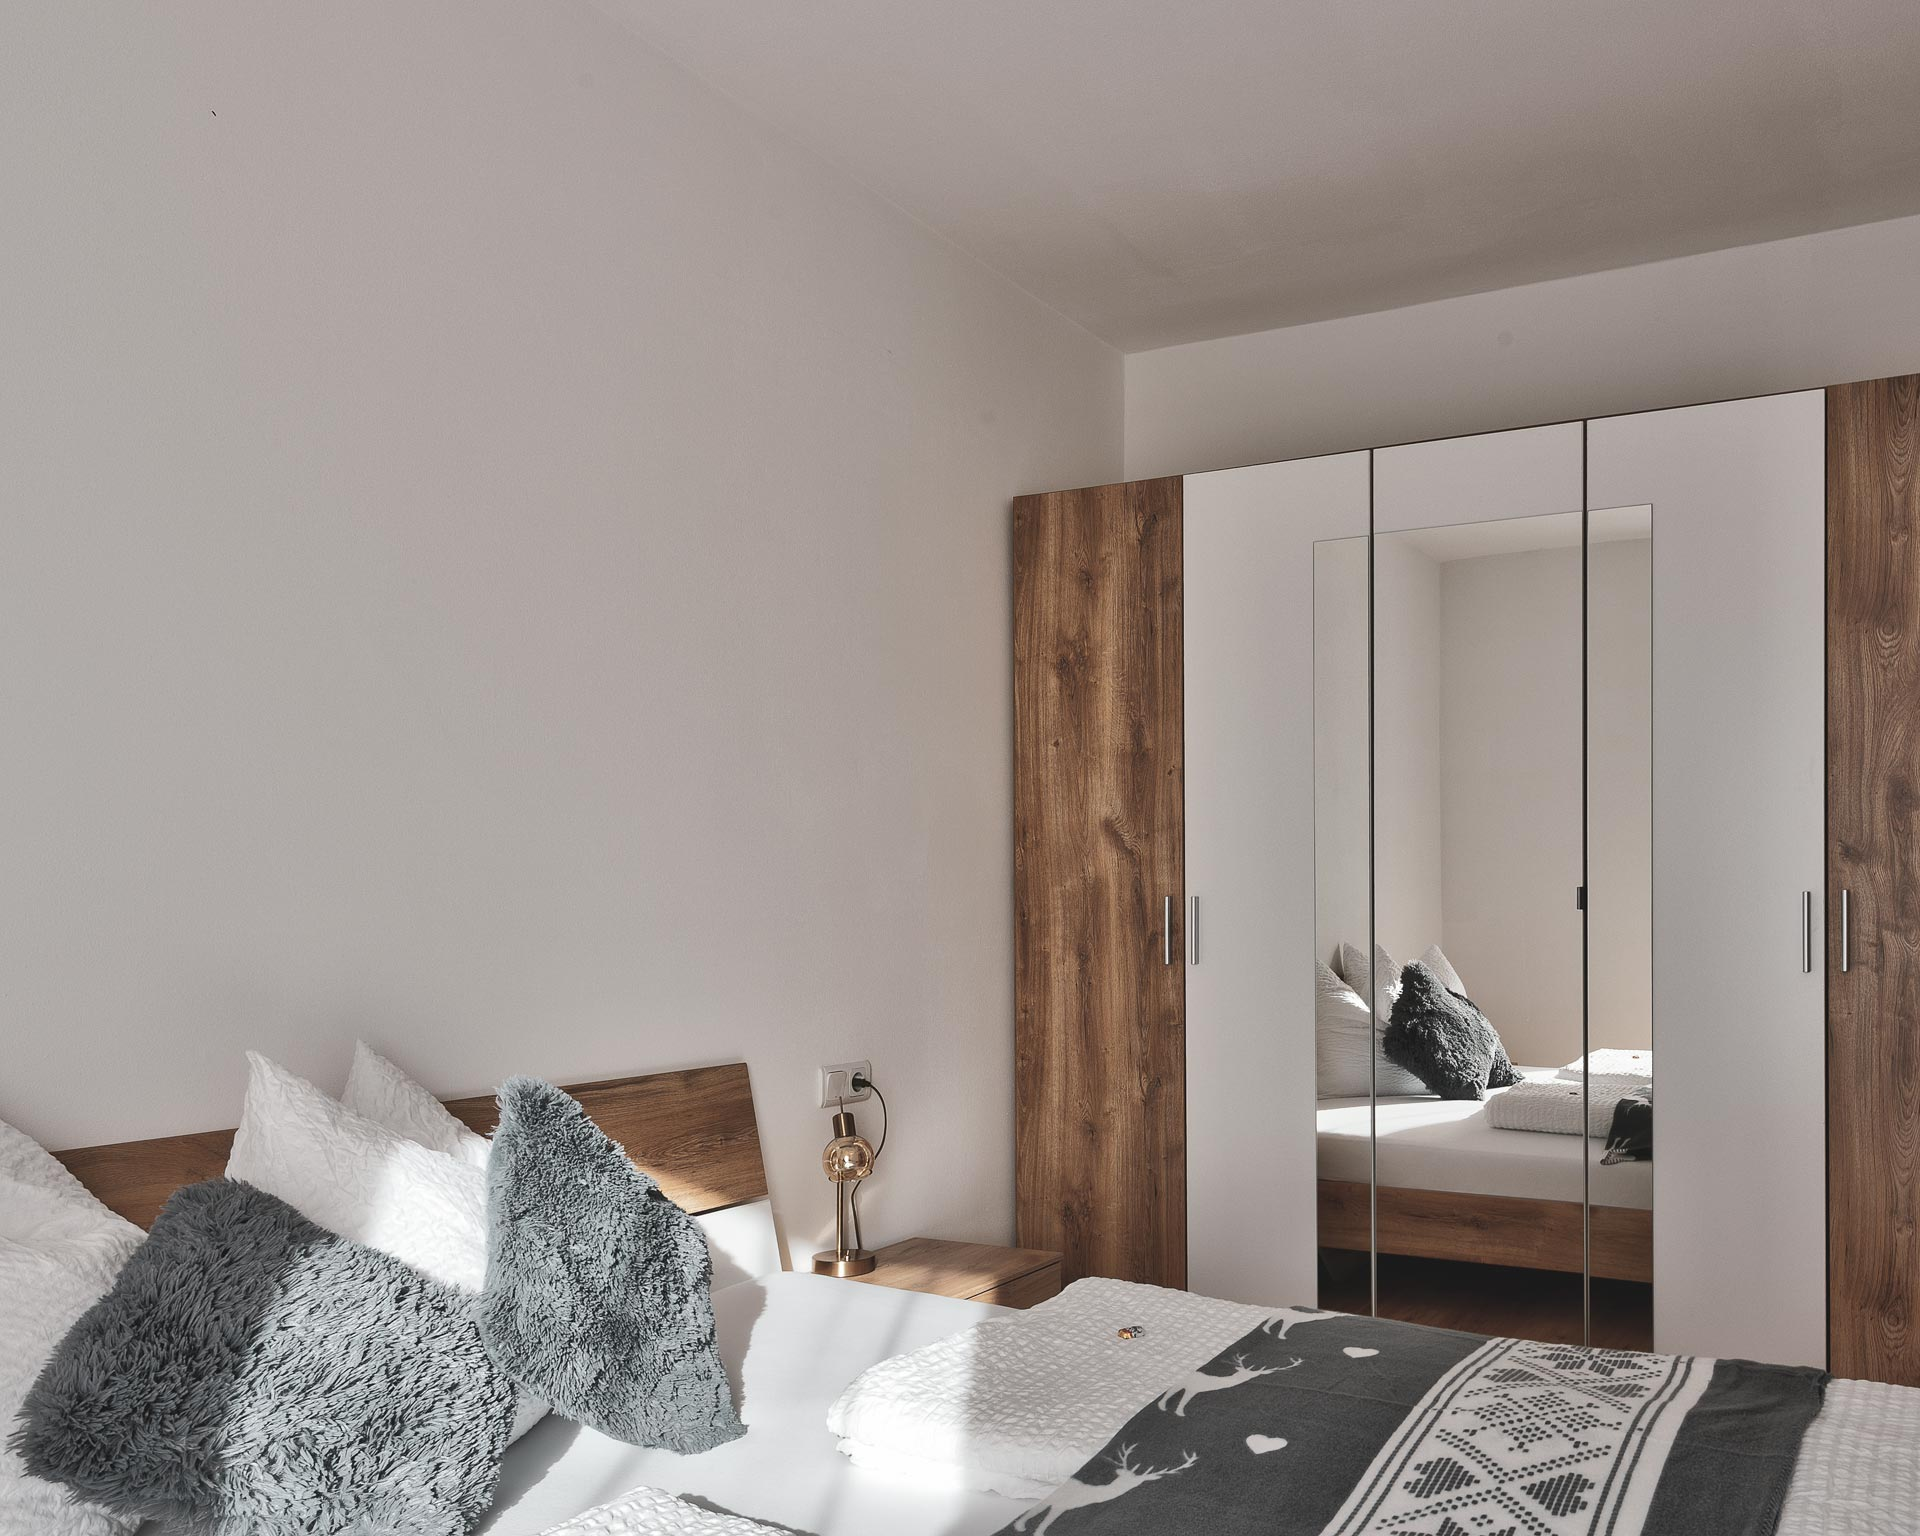 schrank schlafzimmer appartement rein pfarrwirt sand in taufers